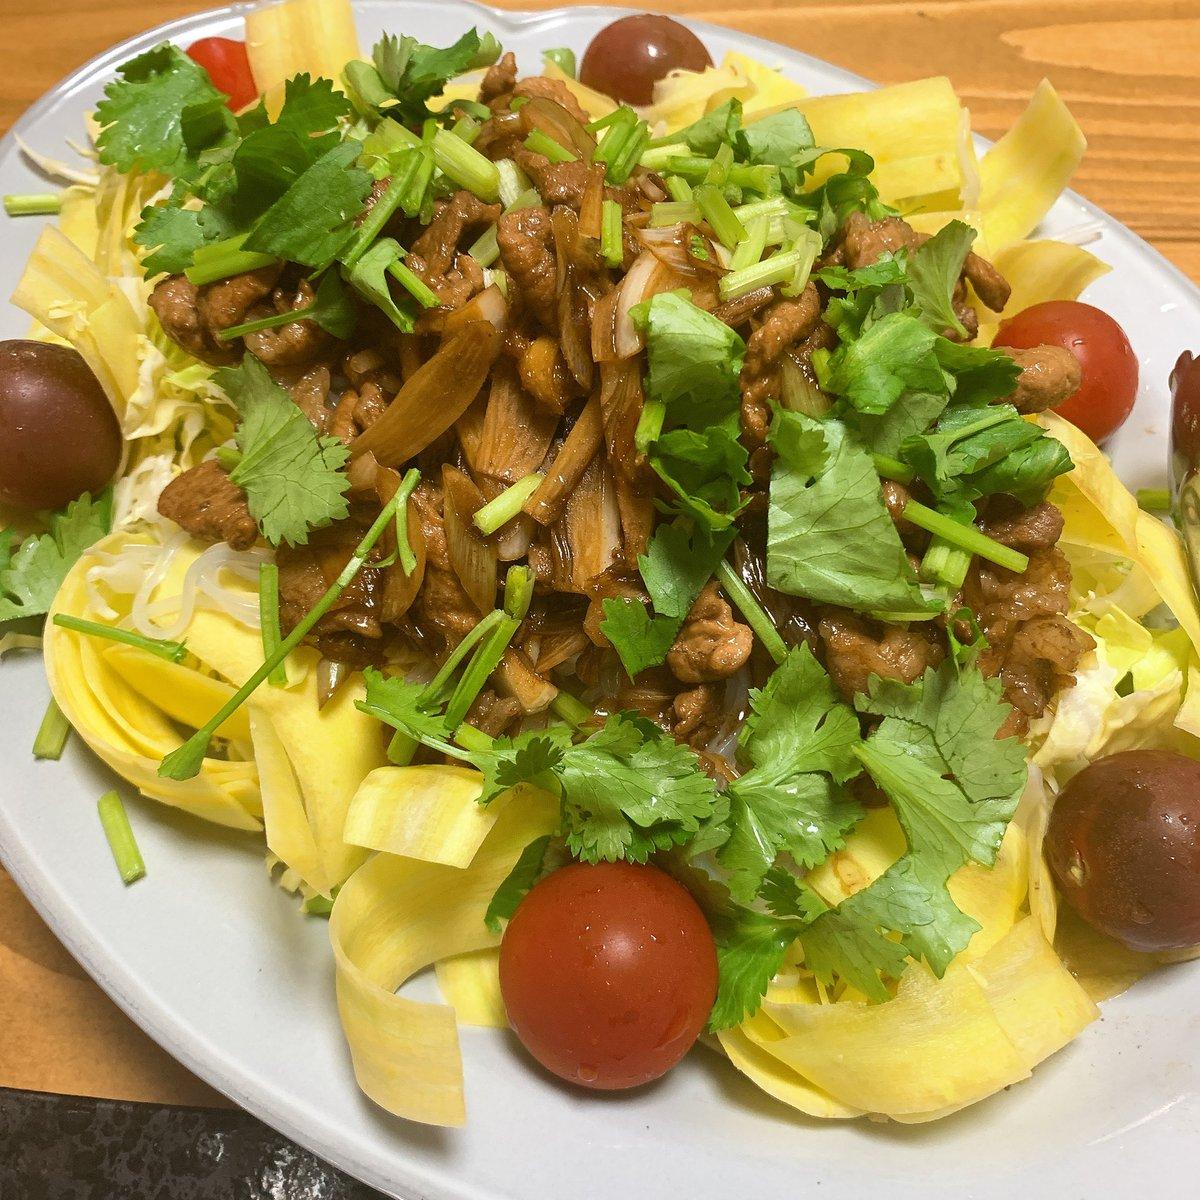 test ツイッターメディア - 今晩メニューは、全てNHKの番組で紹介されていたもの  ロールキャベツ→ #栗原はるみ さん 先月の「きょうの料理」 ホタルイカとそら豆のホイル焼き&春きゃべつと豚肉のおかずサラダ→ #あさイチ   あさイチのレシピ、食材も庶民的で、簡単に作れるので最近のお気に入り  #おうちごはん #ずんキッチン https://t.co/92ULcKETXK